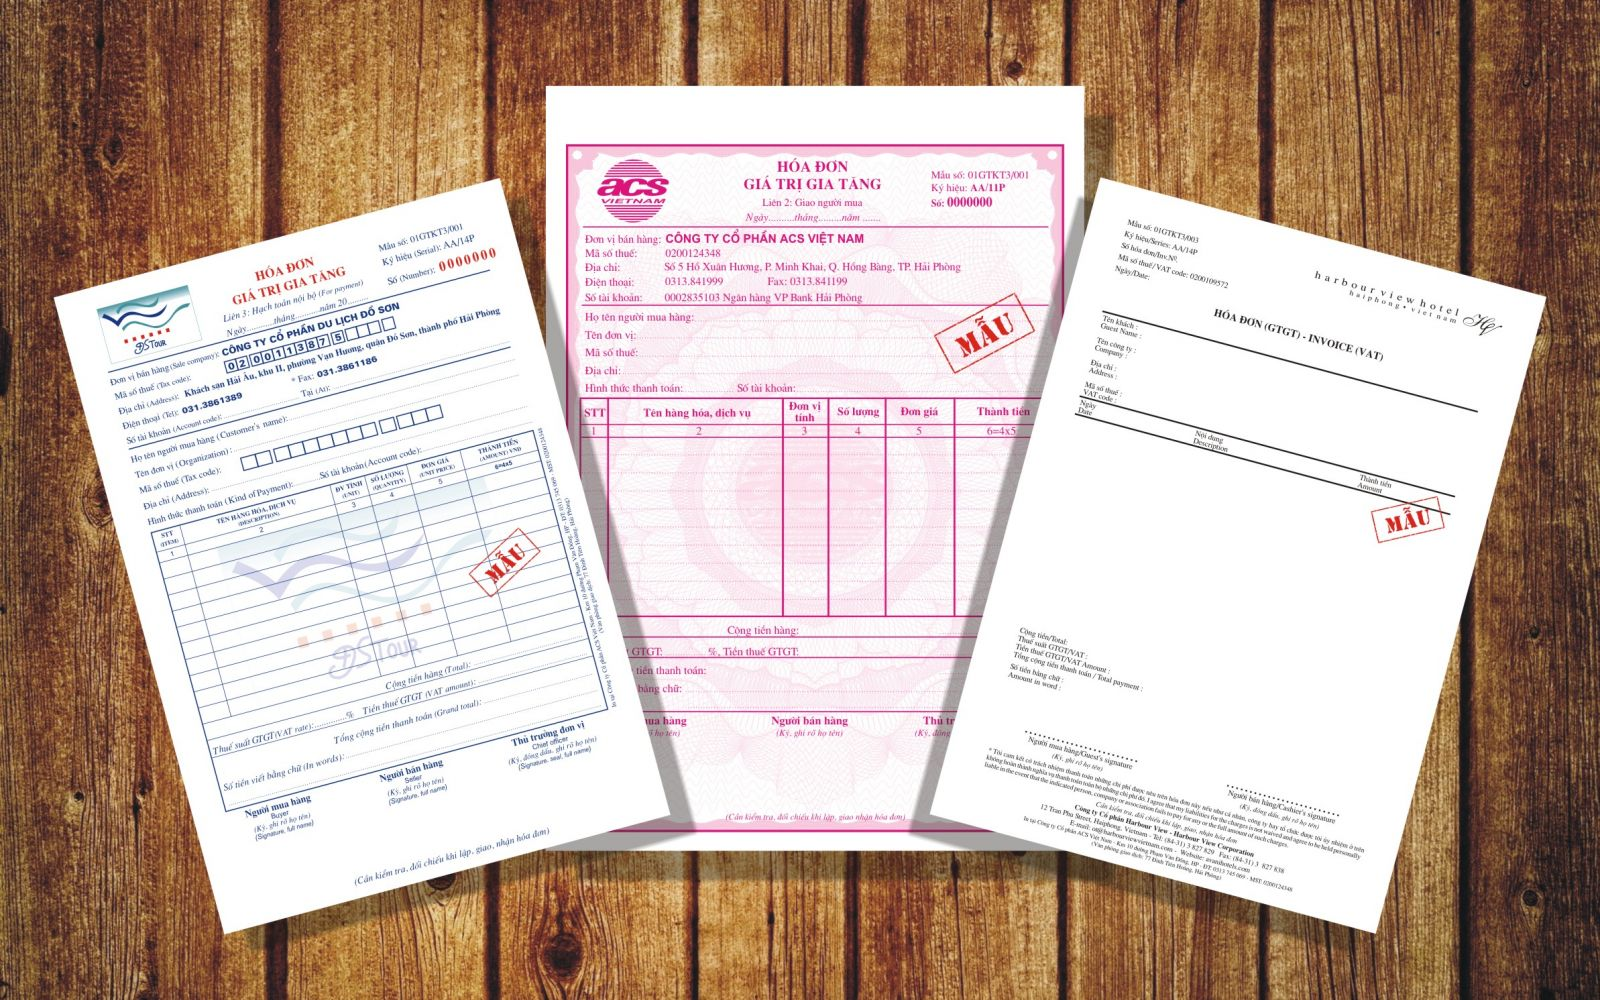 Tư vấn về hoá đơn trong hợp đồng mua bán hàng hoá quốc tế